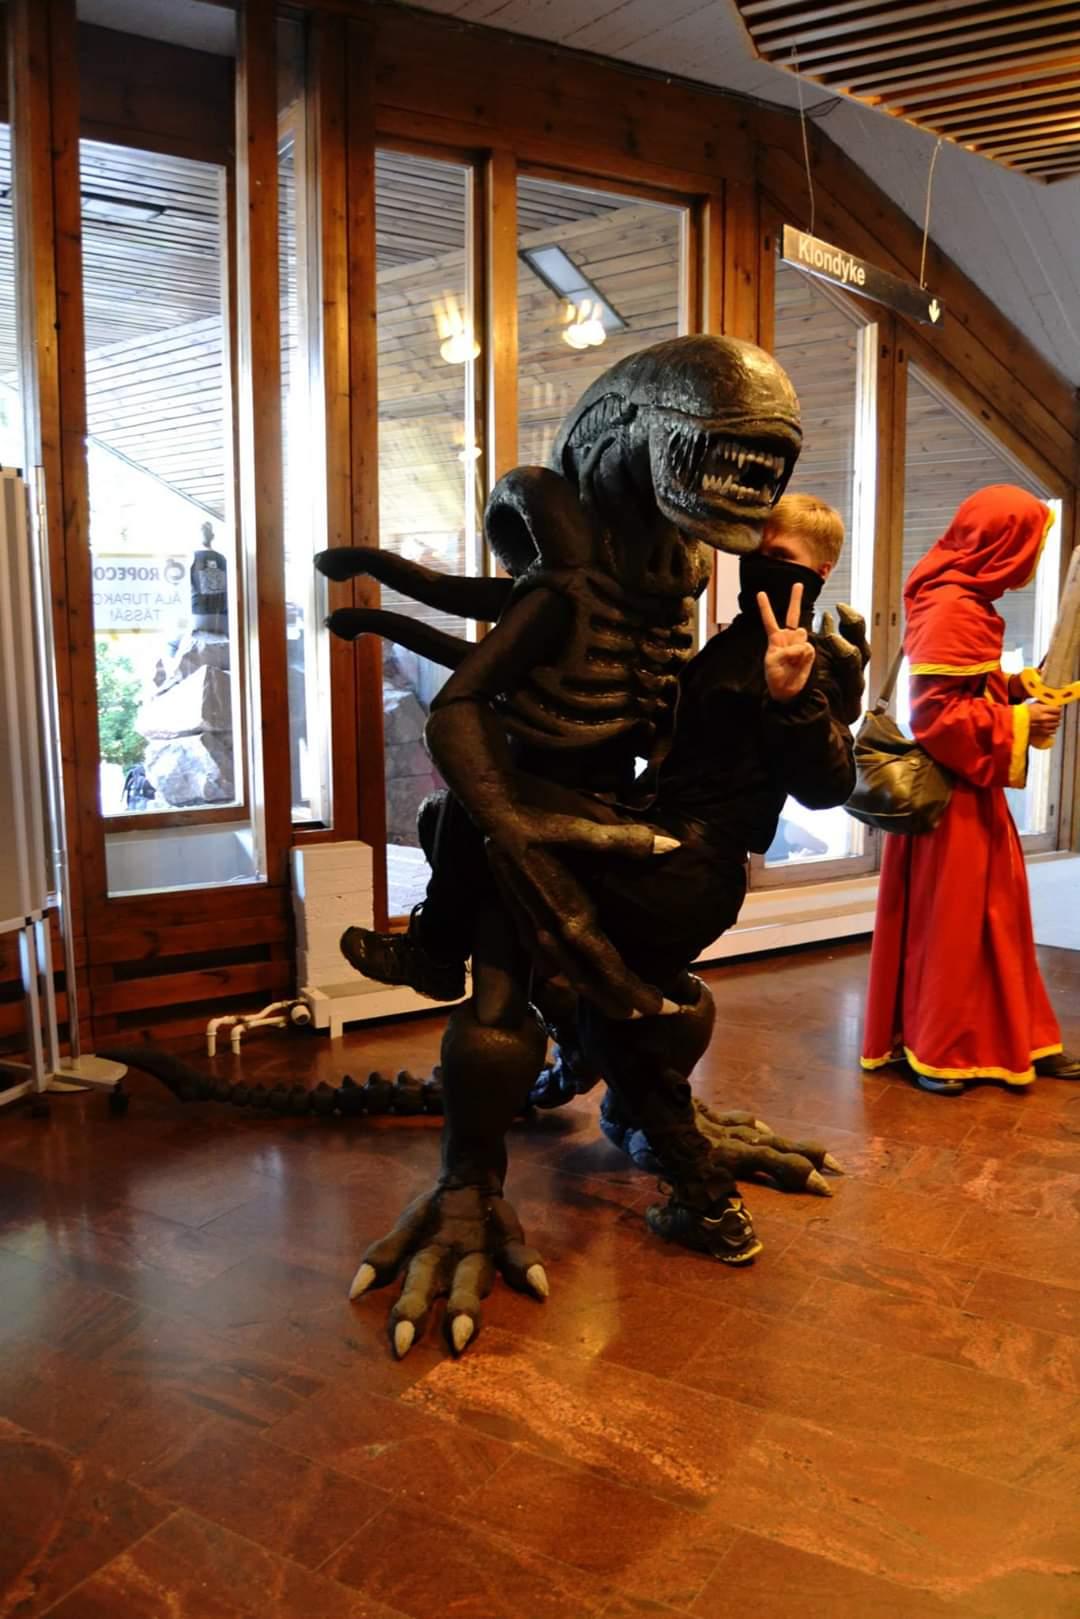 Alien hahmoksi pukeutunut hennkilö pitelee sylissään ninjaksi pukeutunutta henkilöä.